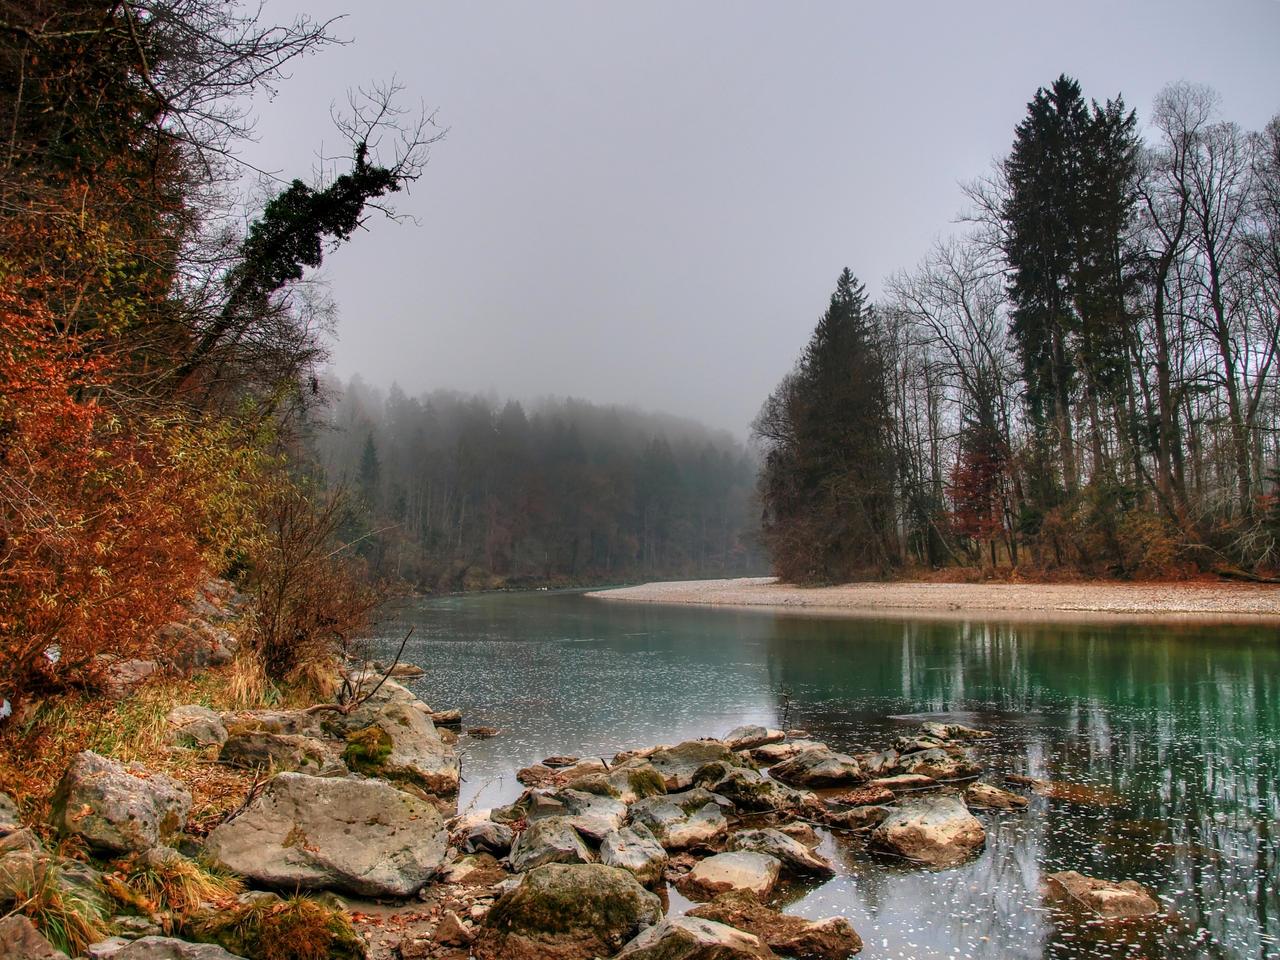 My Moody River by Burtn